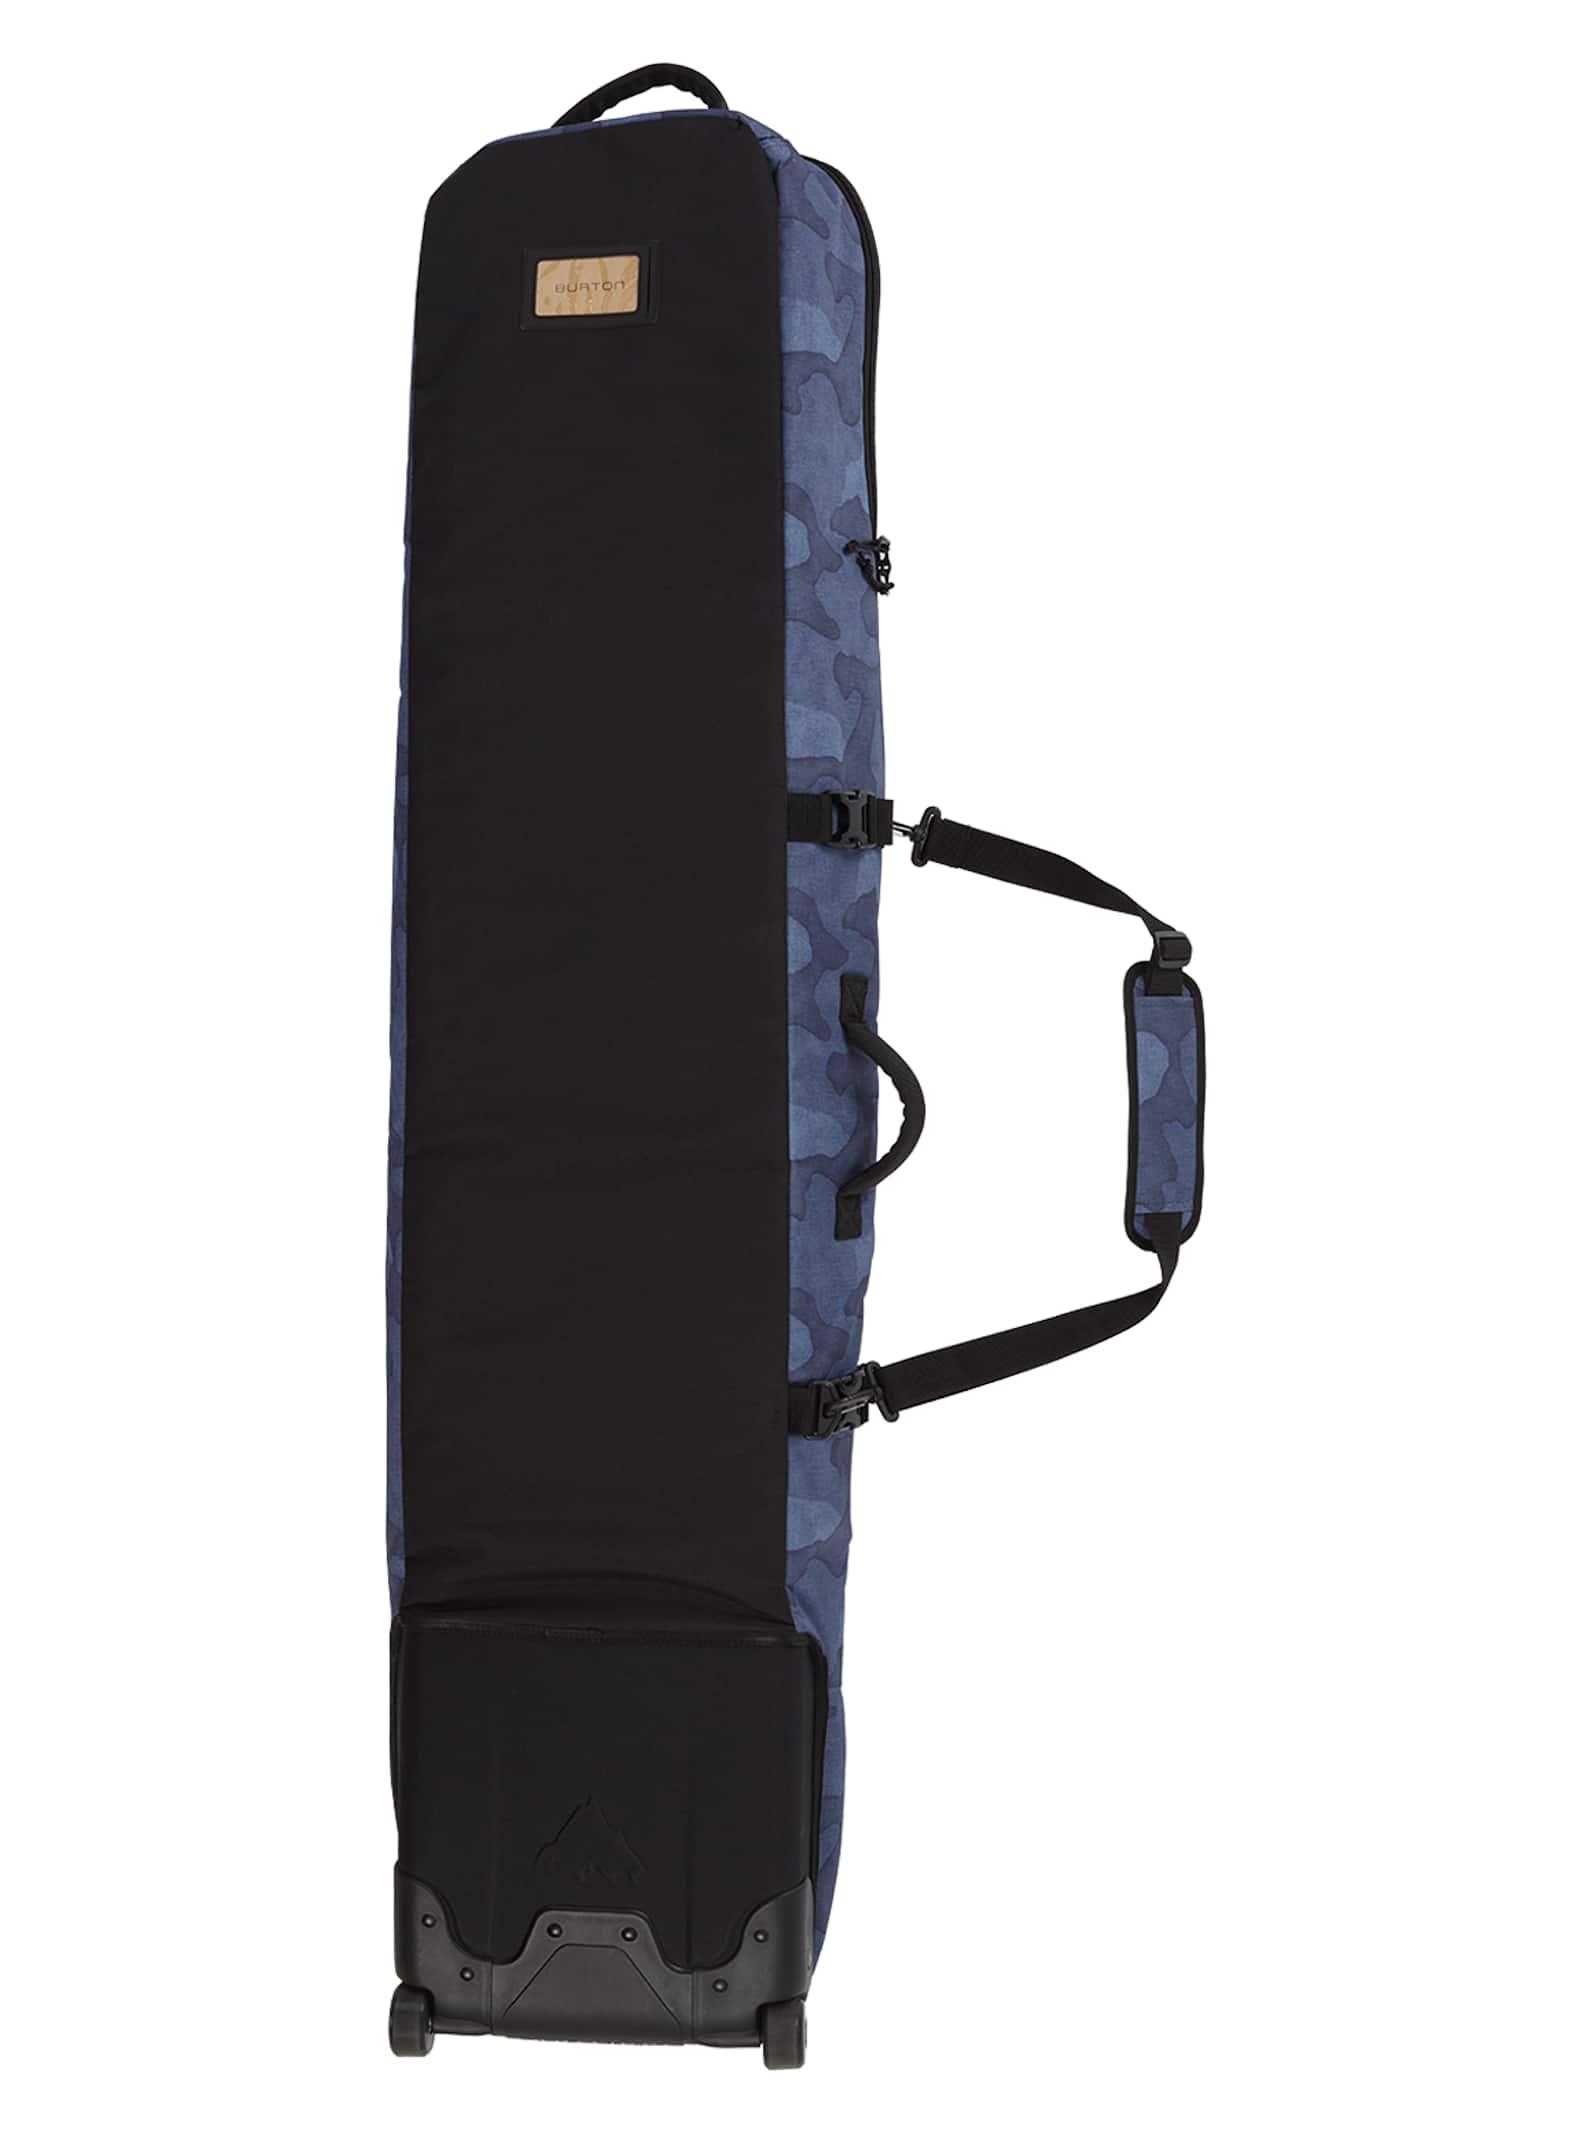 52c9f10fe8 Burton Wheelie Gig Board Bag